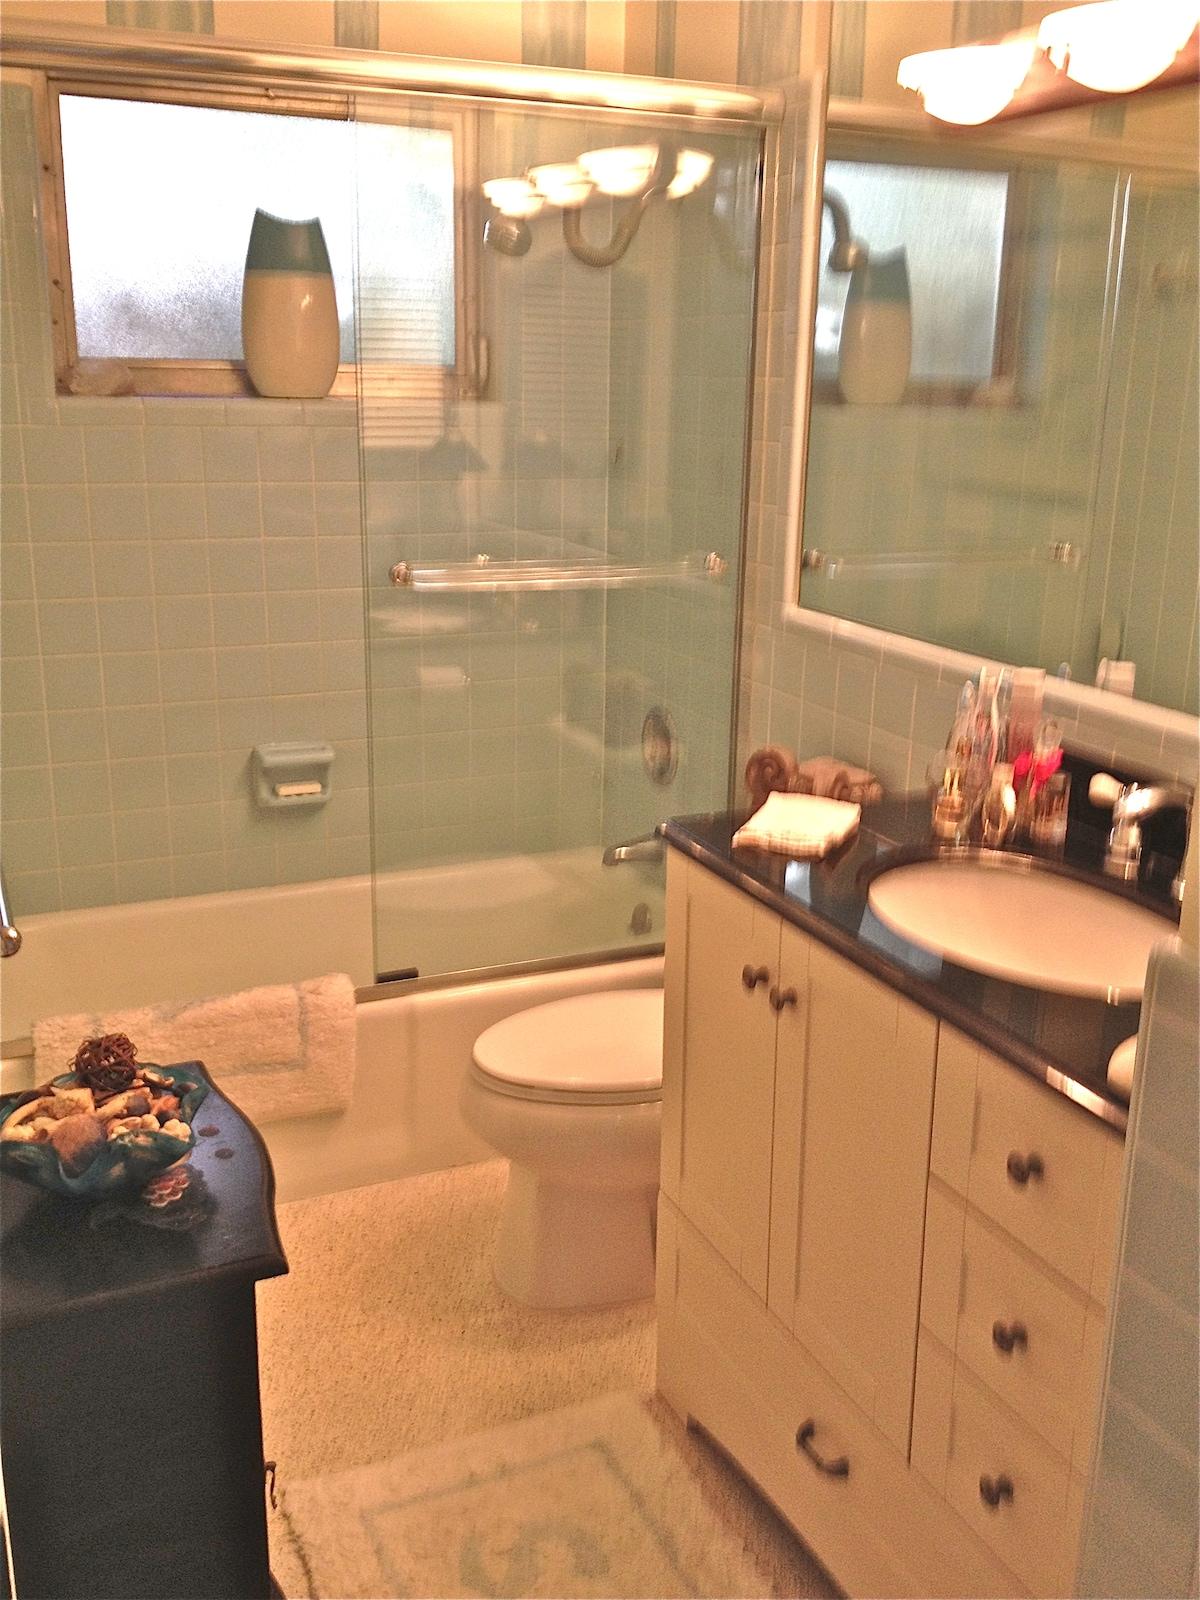 BATHROOM WITH FULL TUB